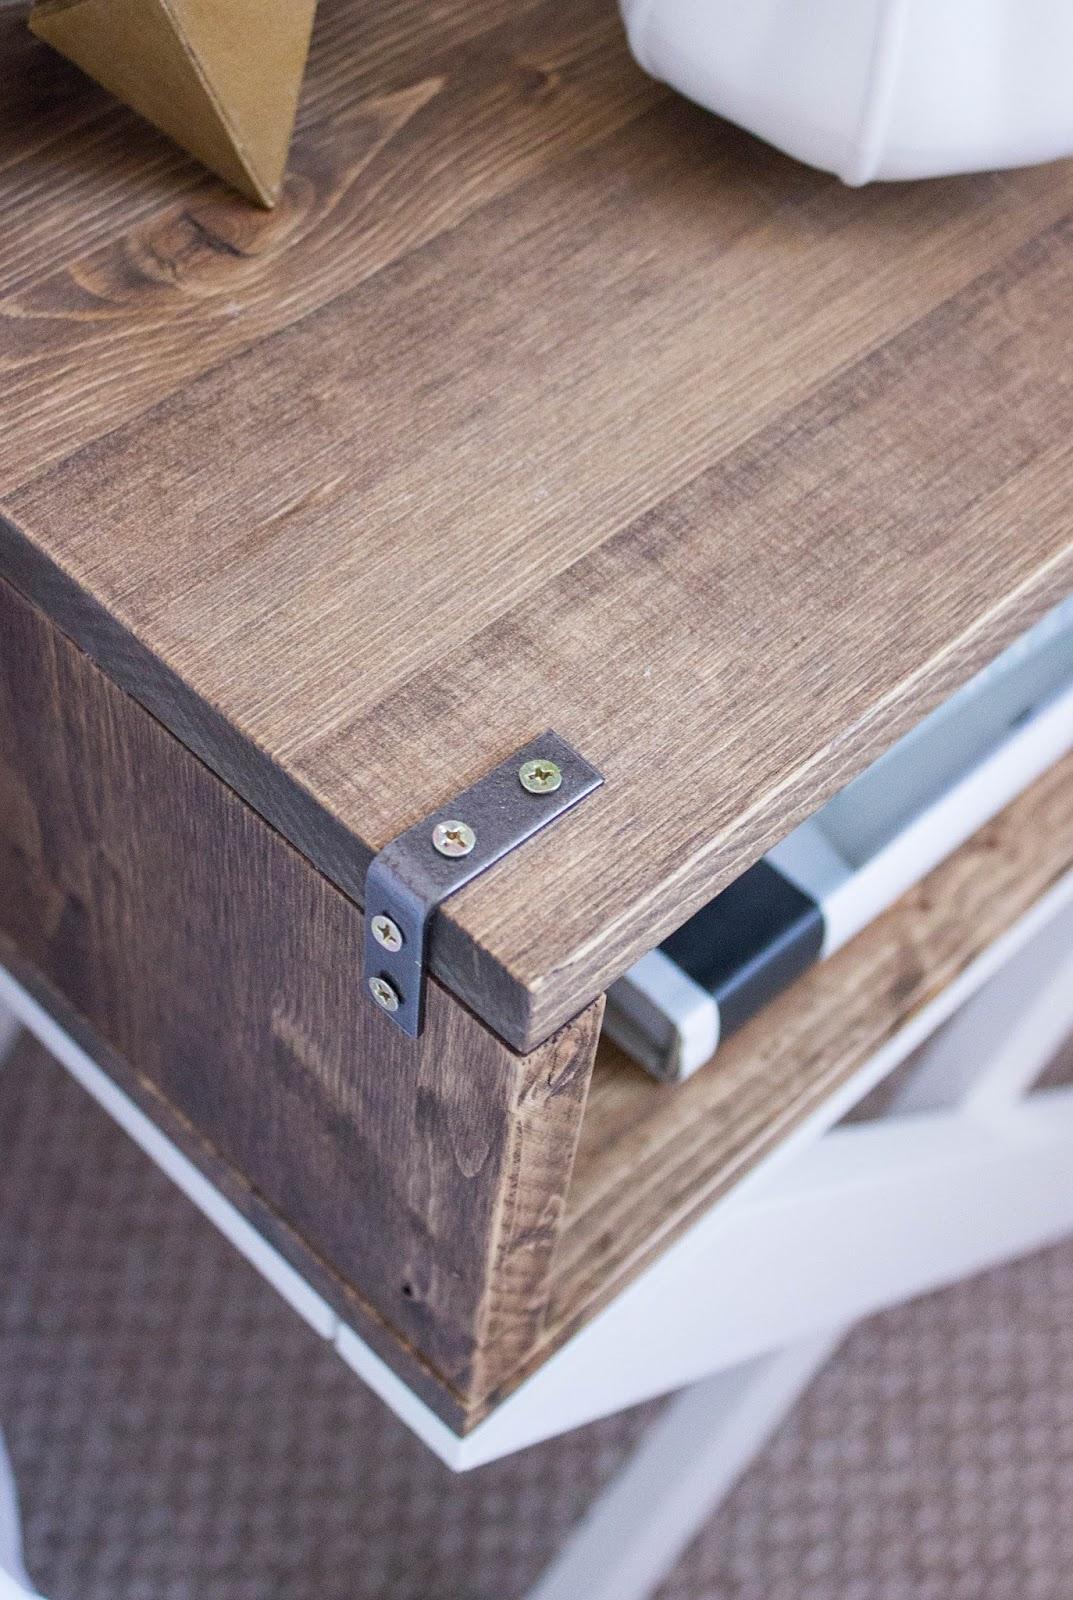 DIY-Nighstand-Rustic-Details